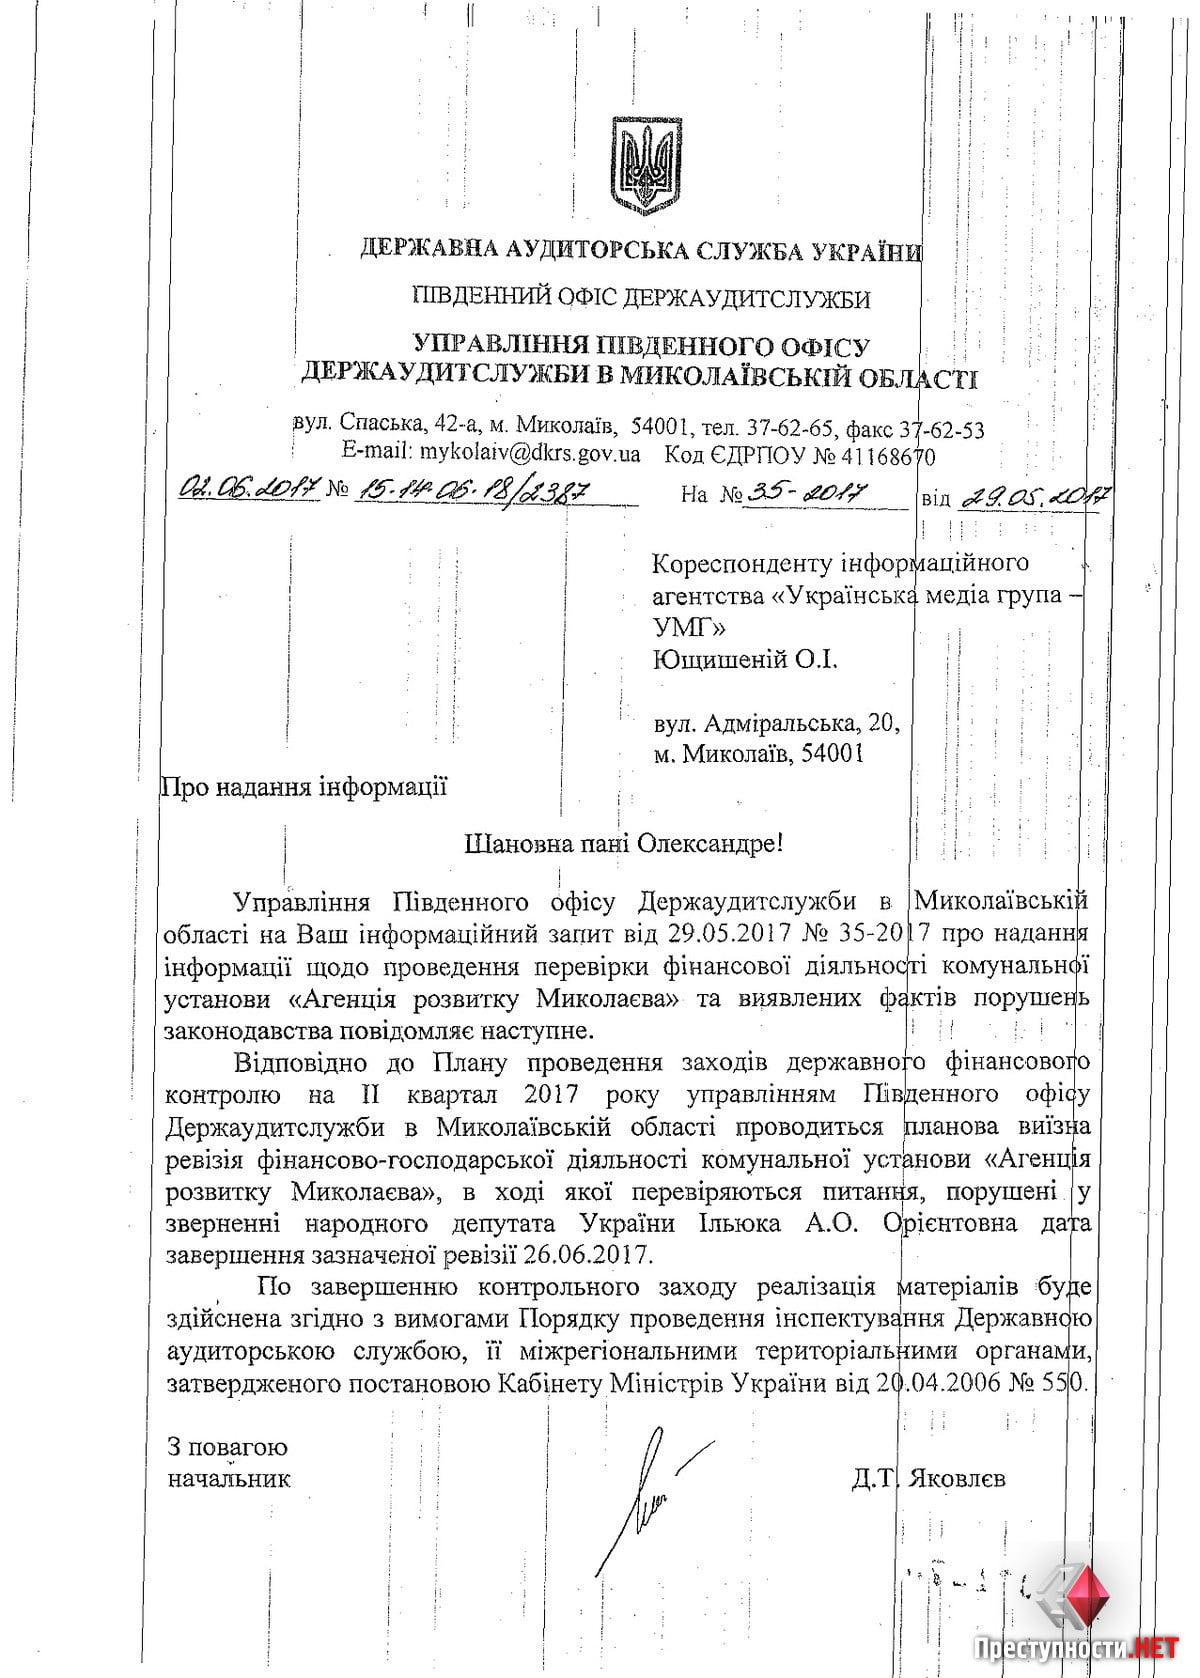 Полиция расследует мошенничество должностными лицами «Агентства развития Николаева»   Корабелов.ИНФО image 3